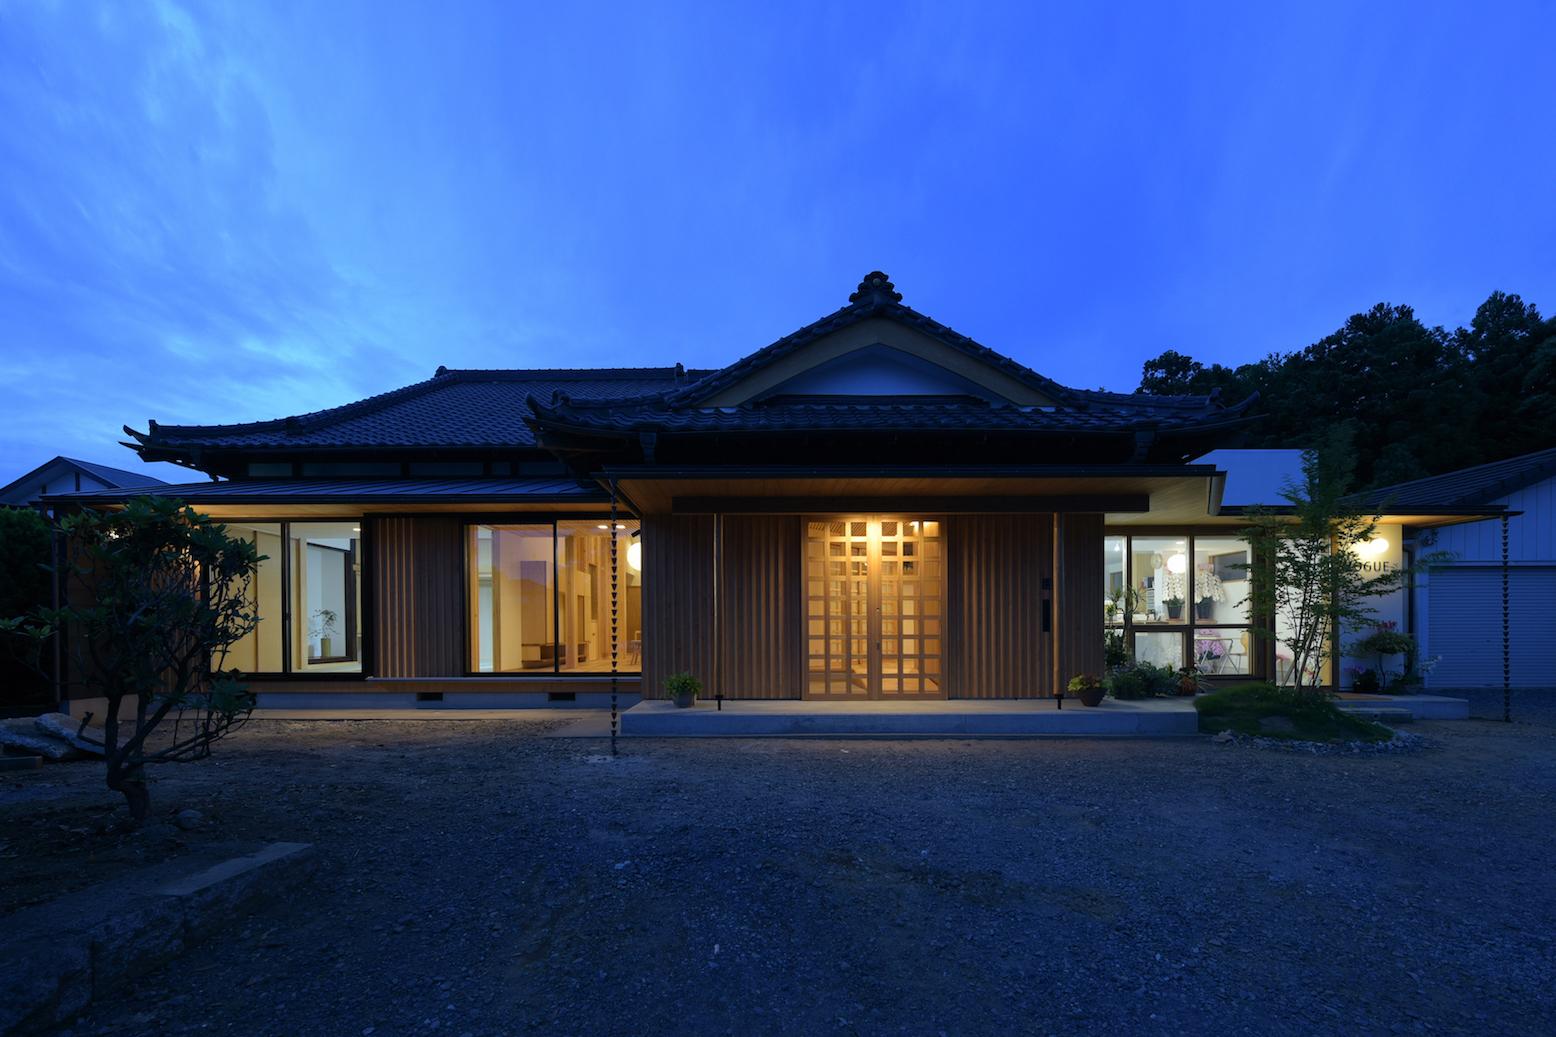 house-F-R 竣工写真ができました。